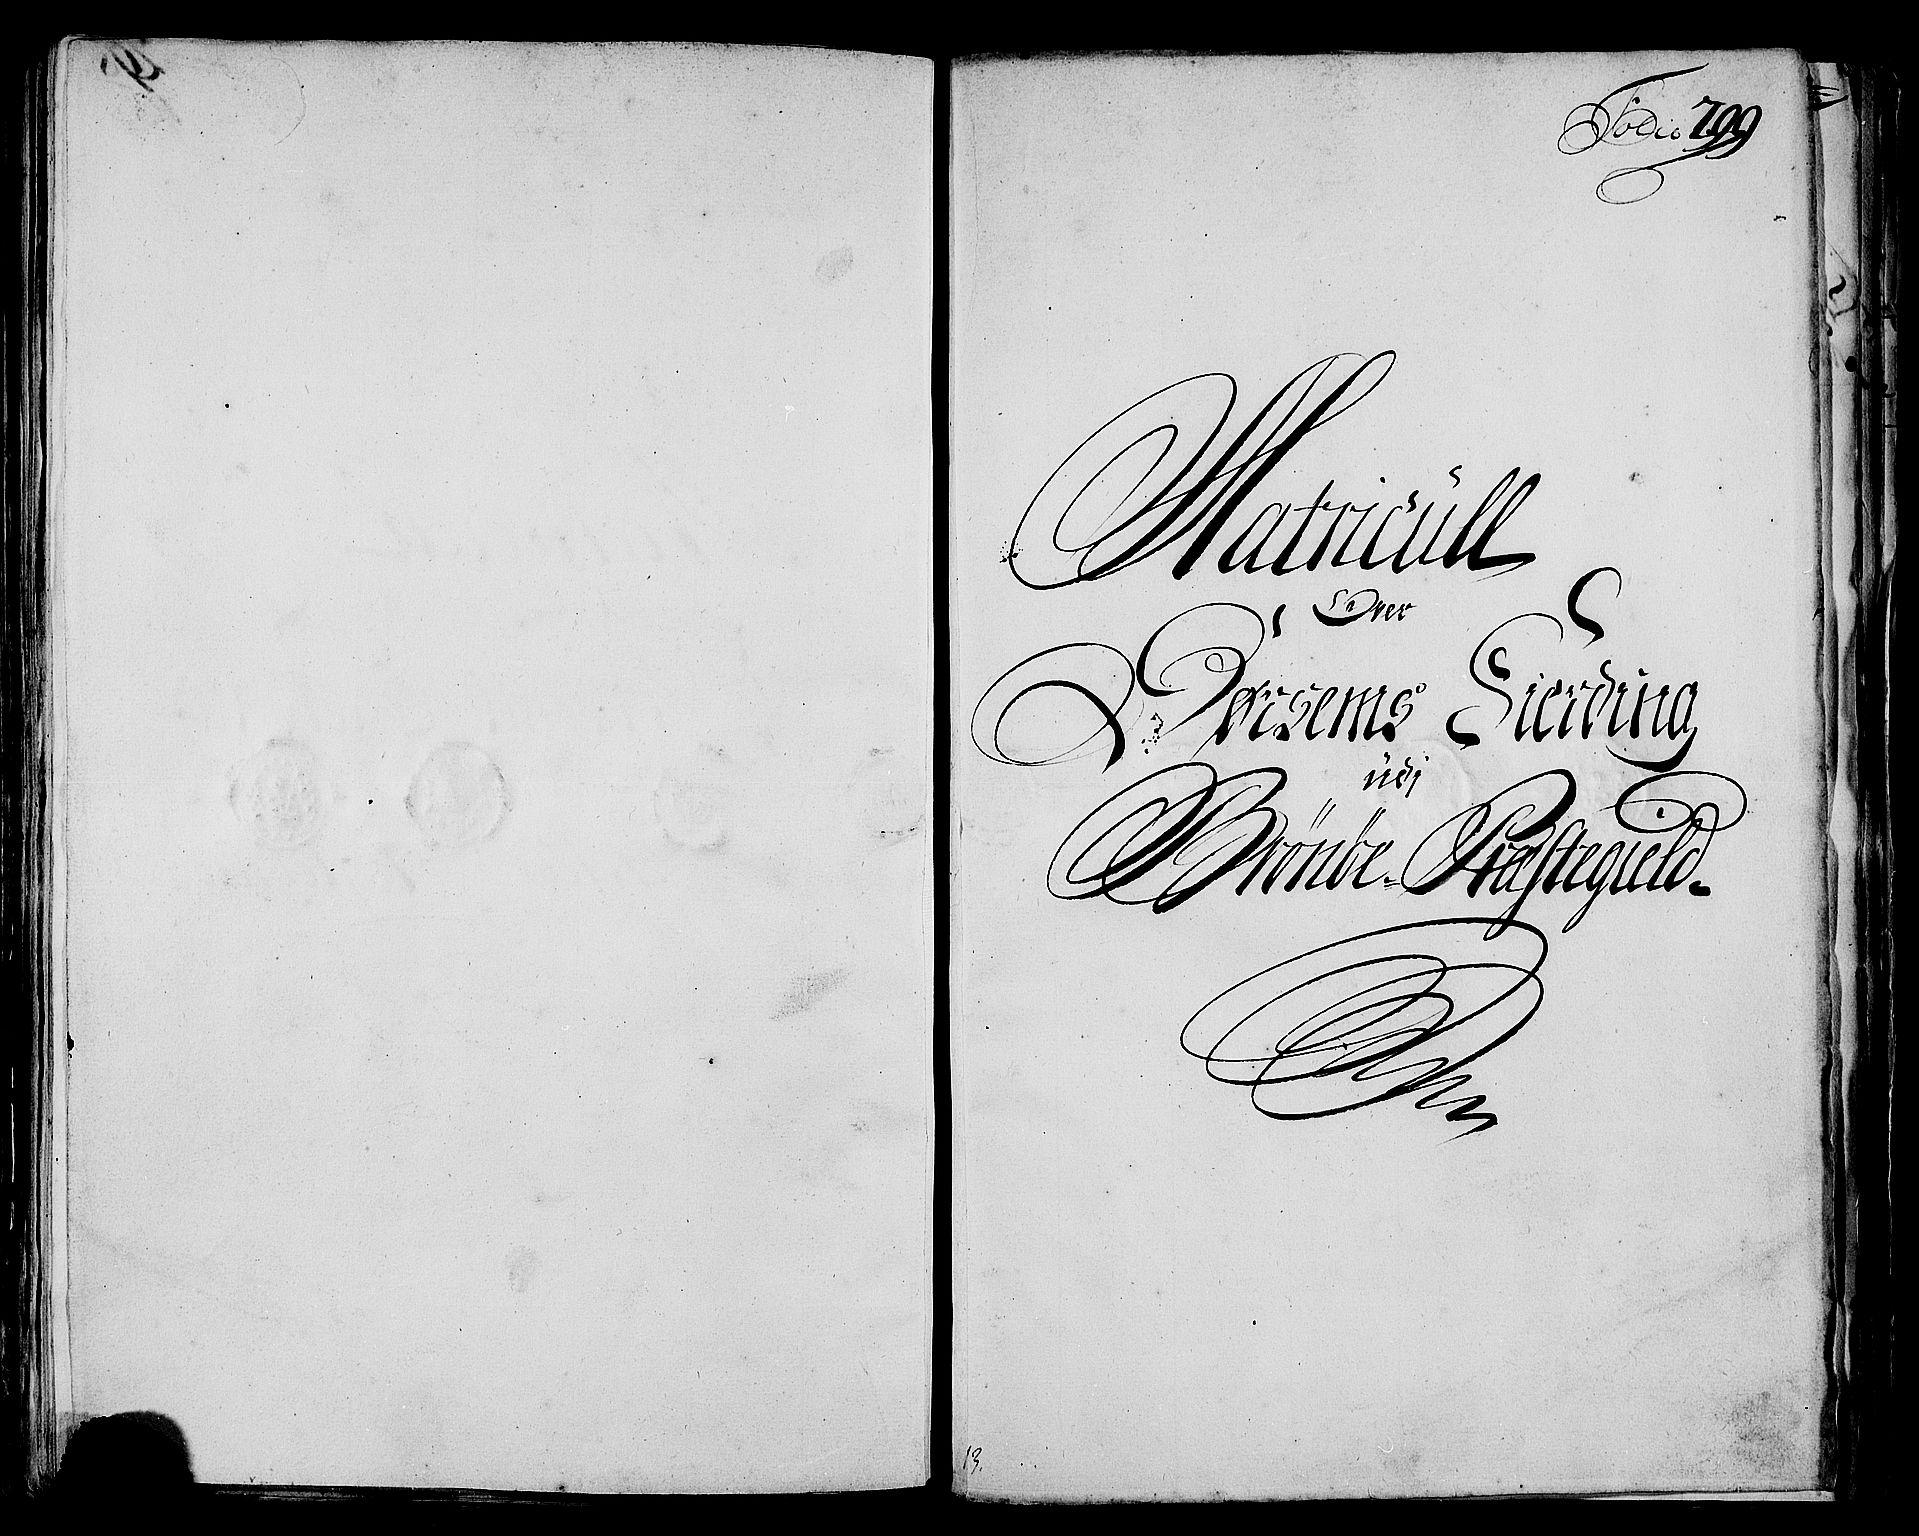 RA, Rentekammeret inntil 1814, Realistisk ordnet avdeling, N/Nb/Nbf/L0171: Helgeland matrikkelprotokoll, 1723, s. 298b-299a